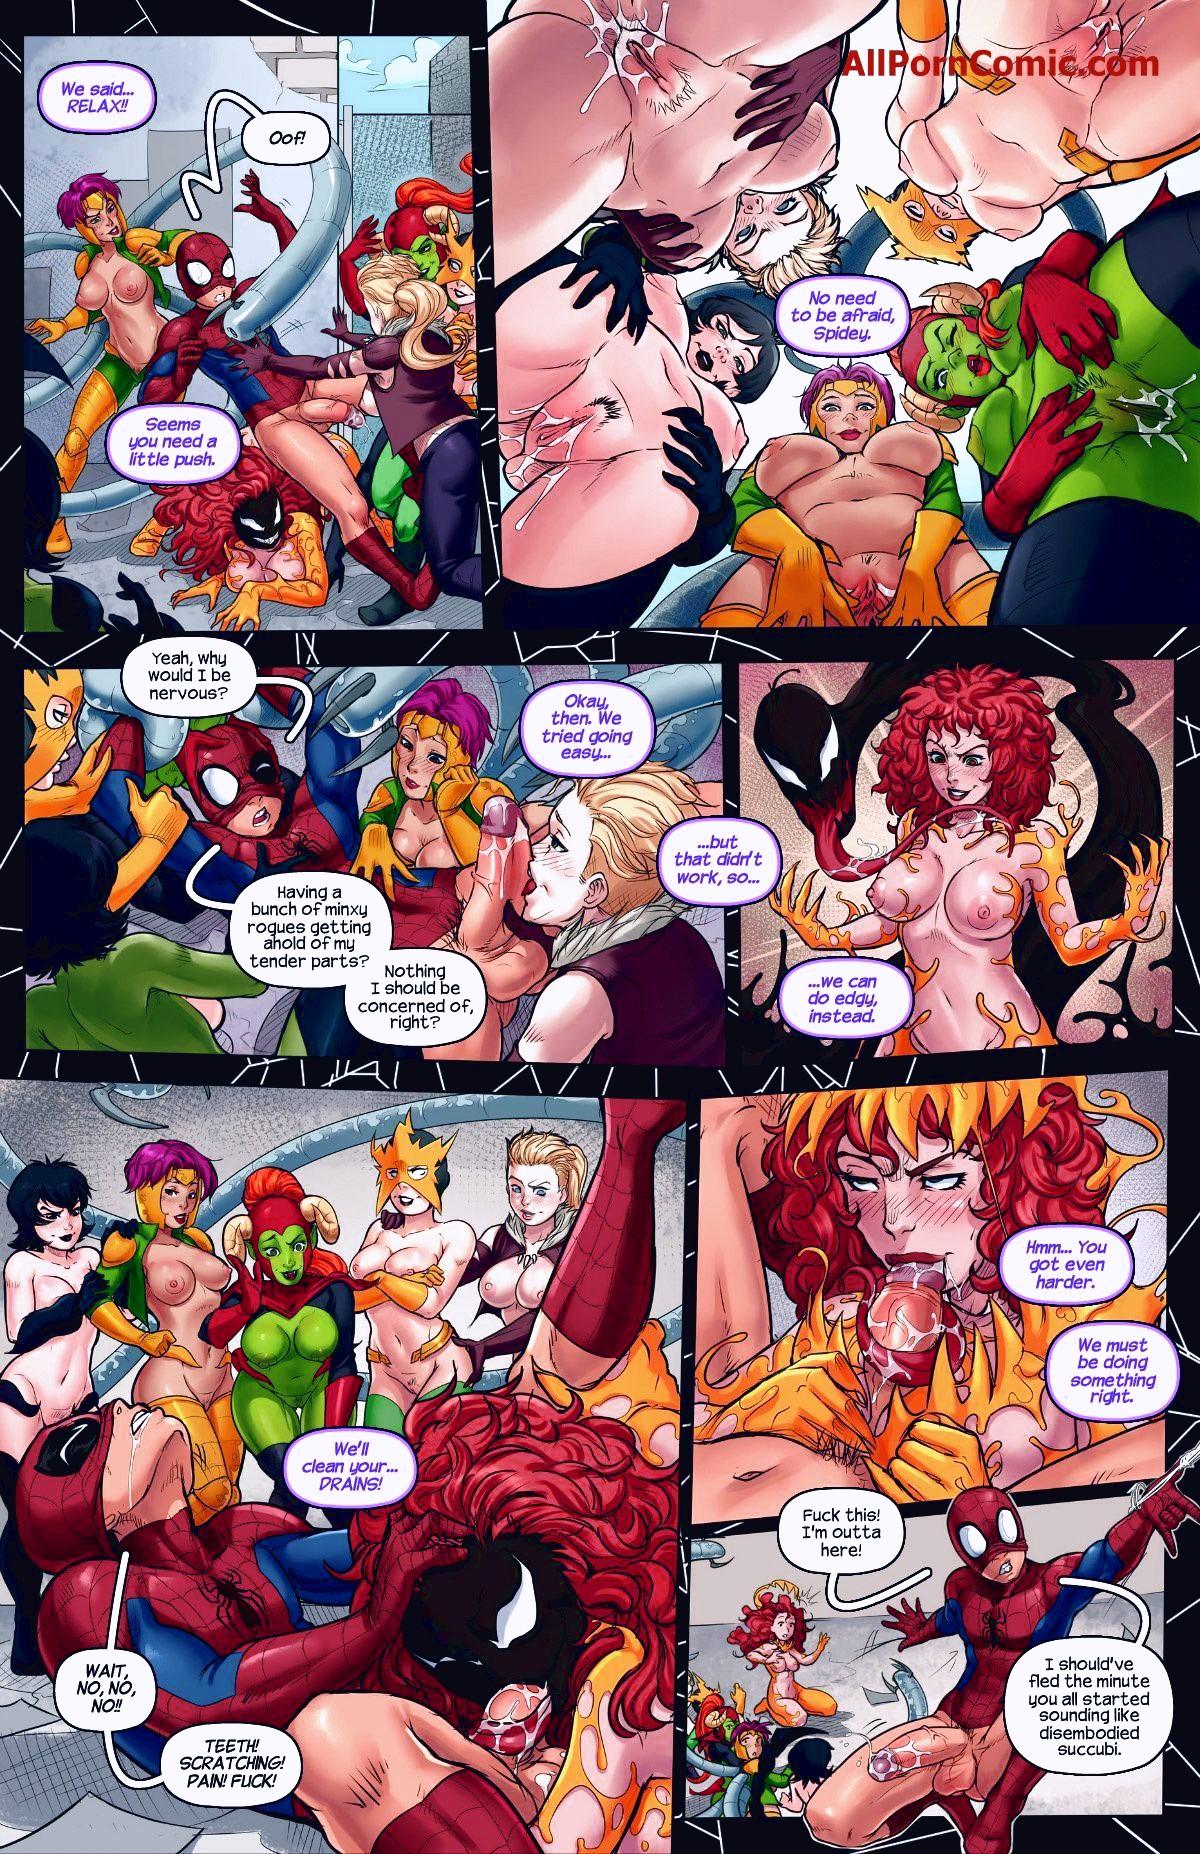 Sinful Six page 04